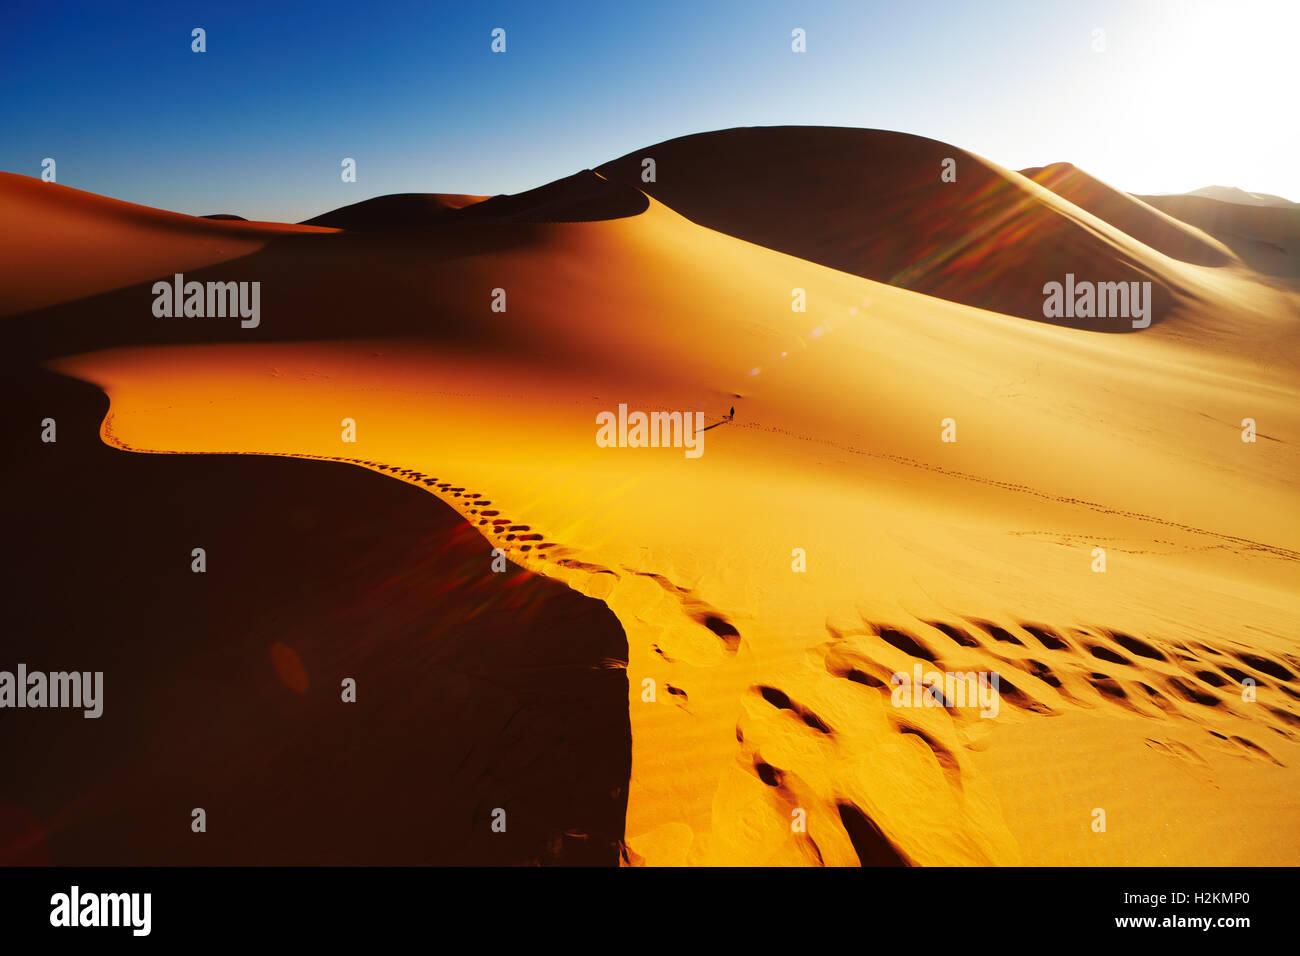 Una duna de arena con huellas al amanecer, el desierto del Sahara, Argelia Imagen De Stock